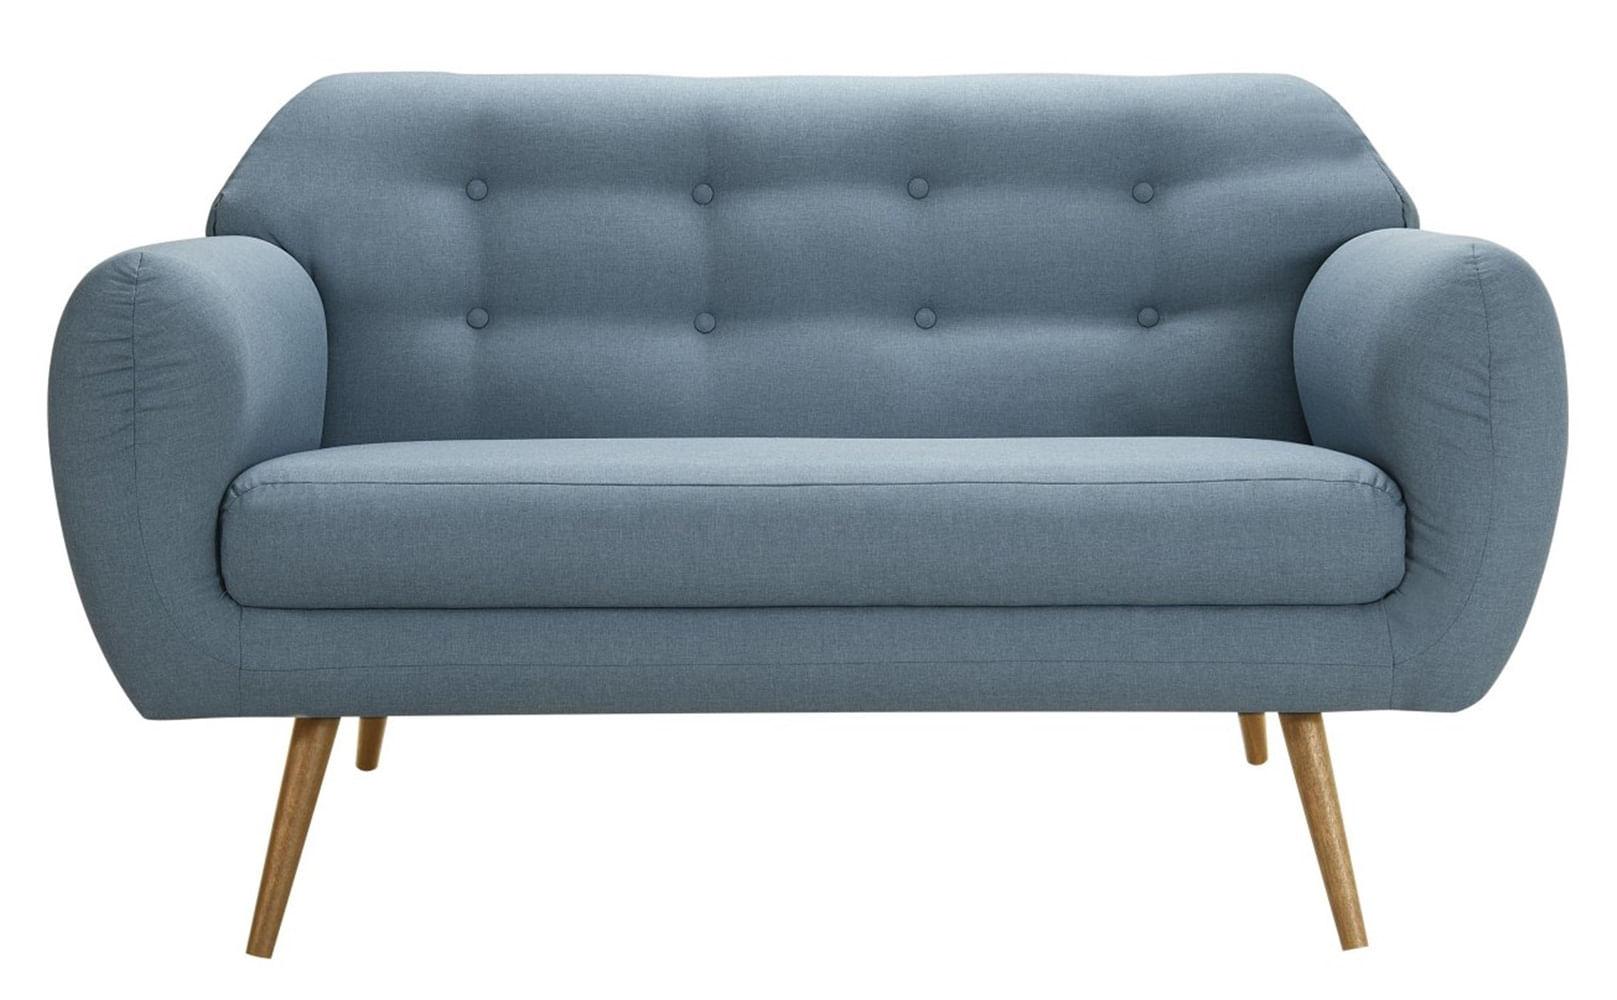 Sofa Liverpool Azul Base Palito Castanho 2 Lugares - 50254